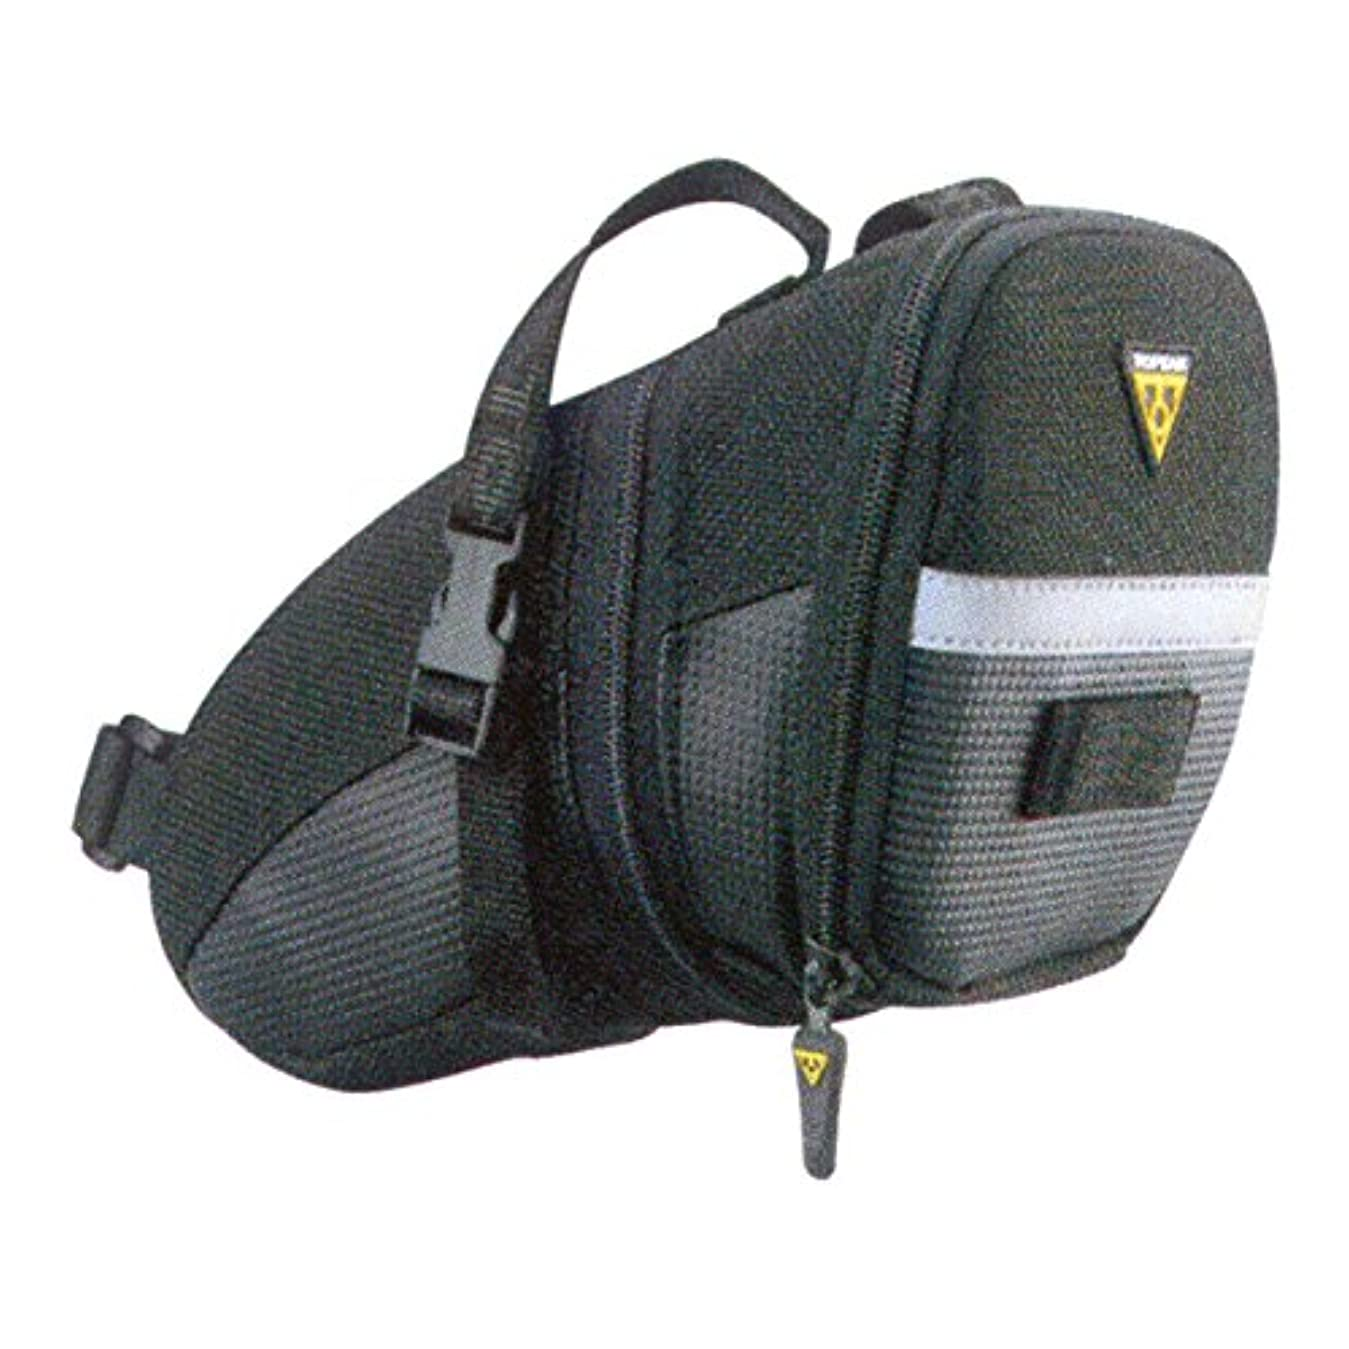 コーヒー待つ荒廃するTOPEAK(トピーク) Aero Wedge Pack (Strap Mount) Lサイズ ブラック